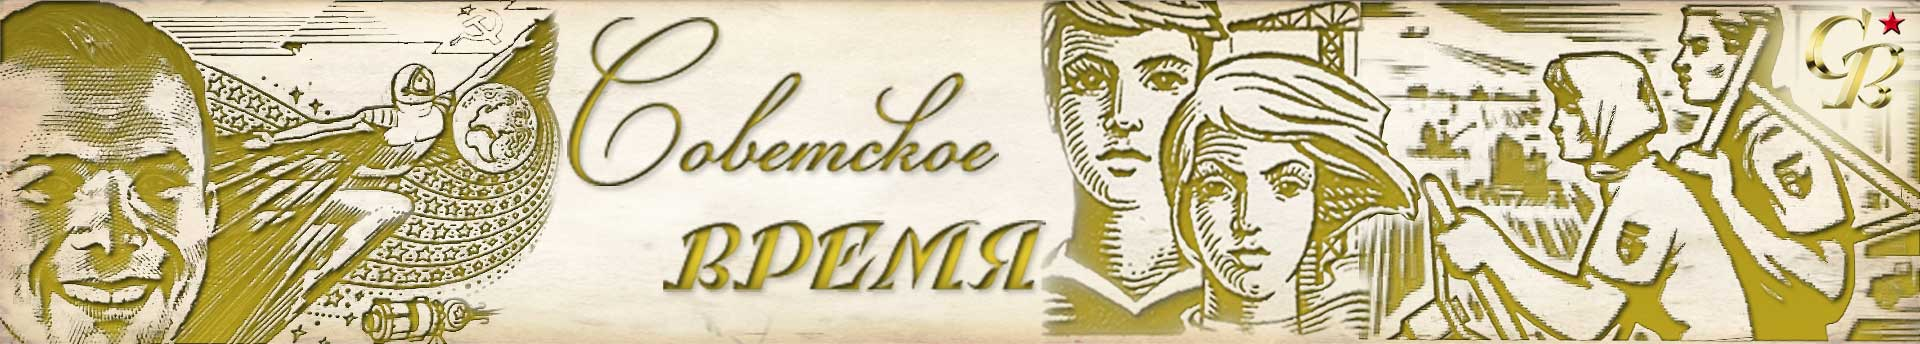 http://sovietime.ru/